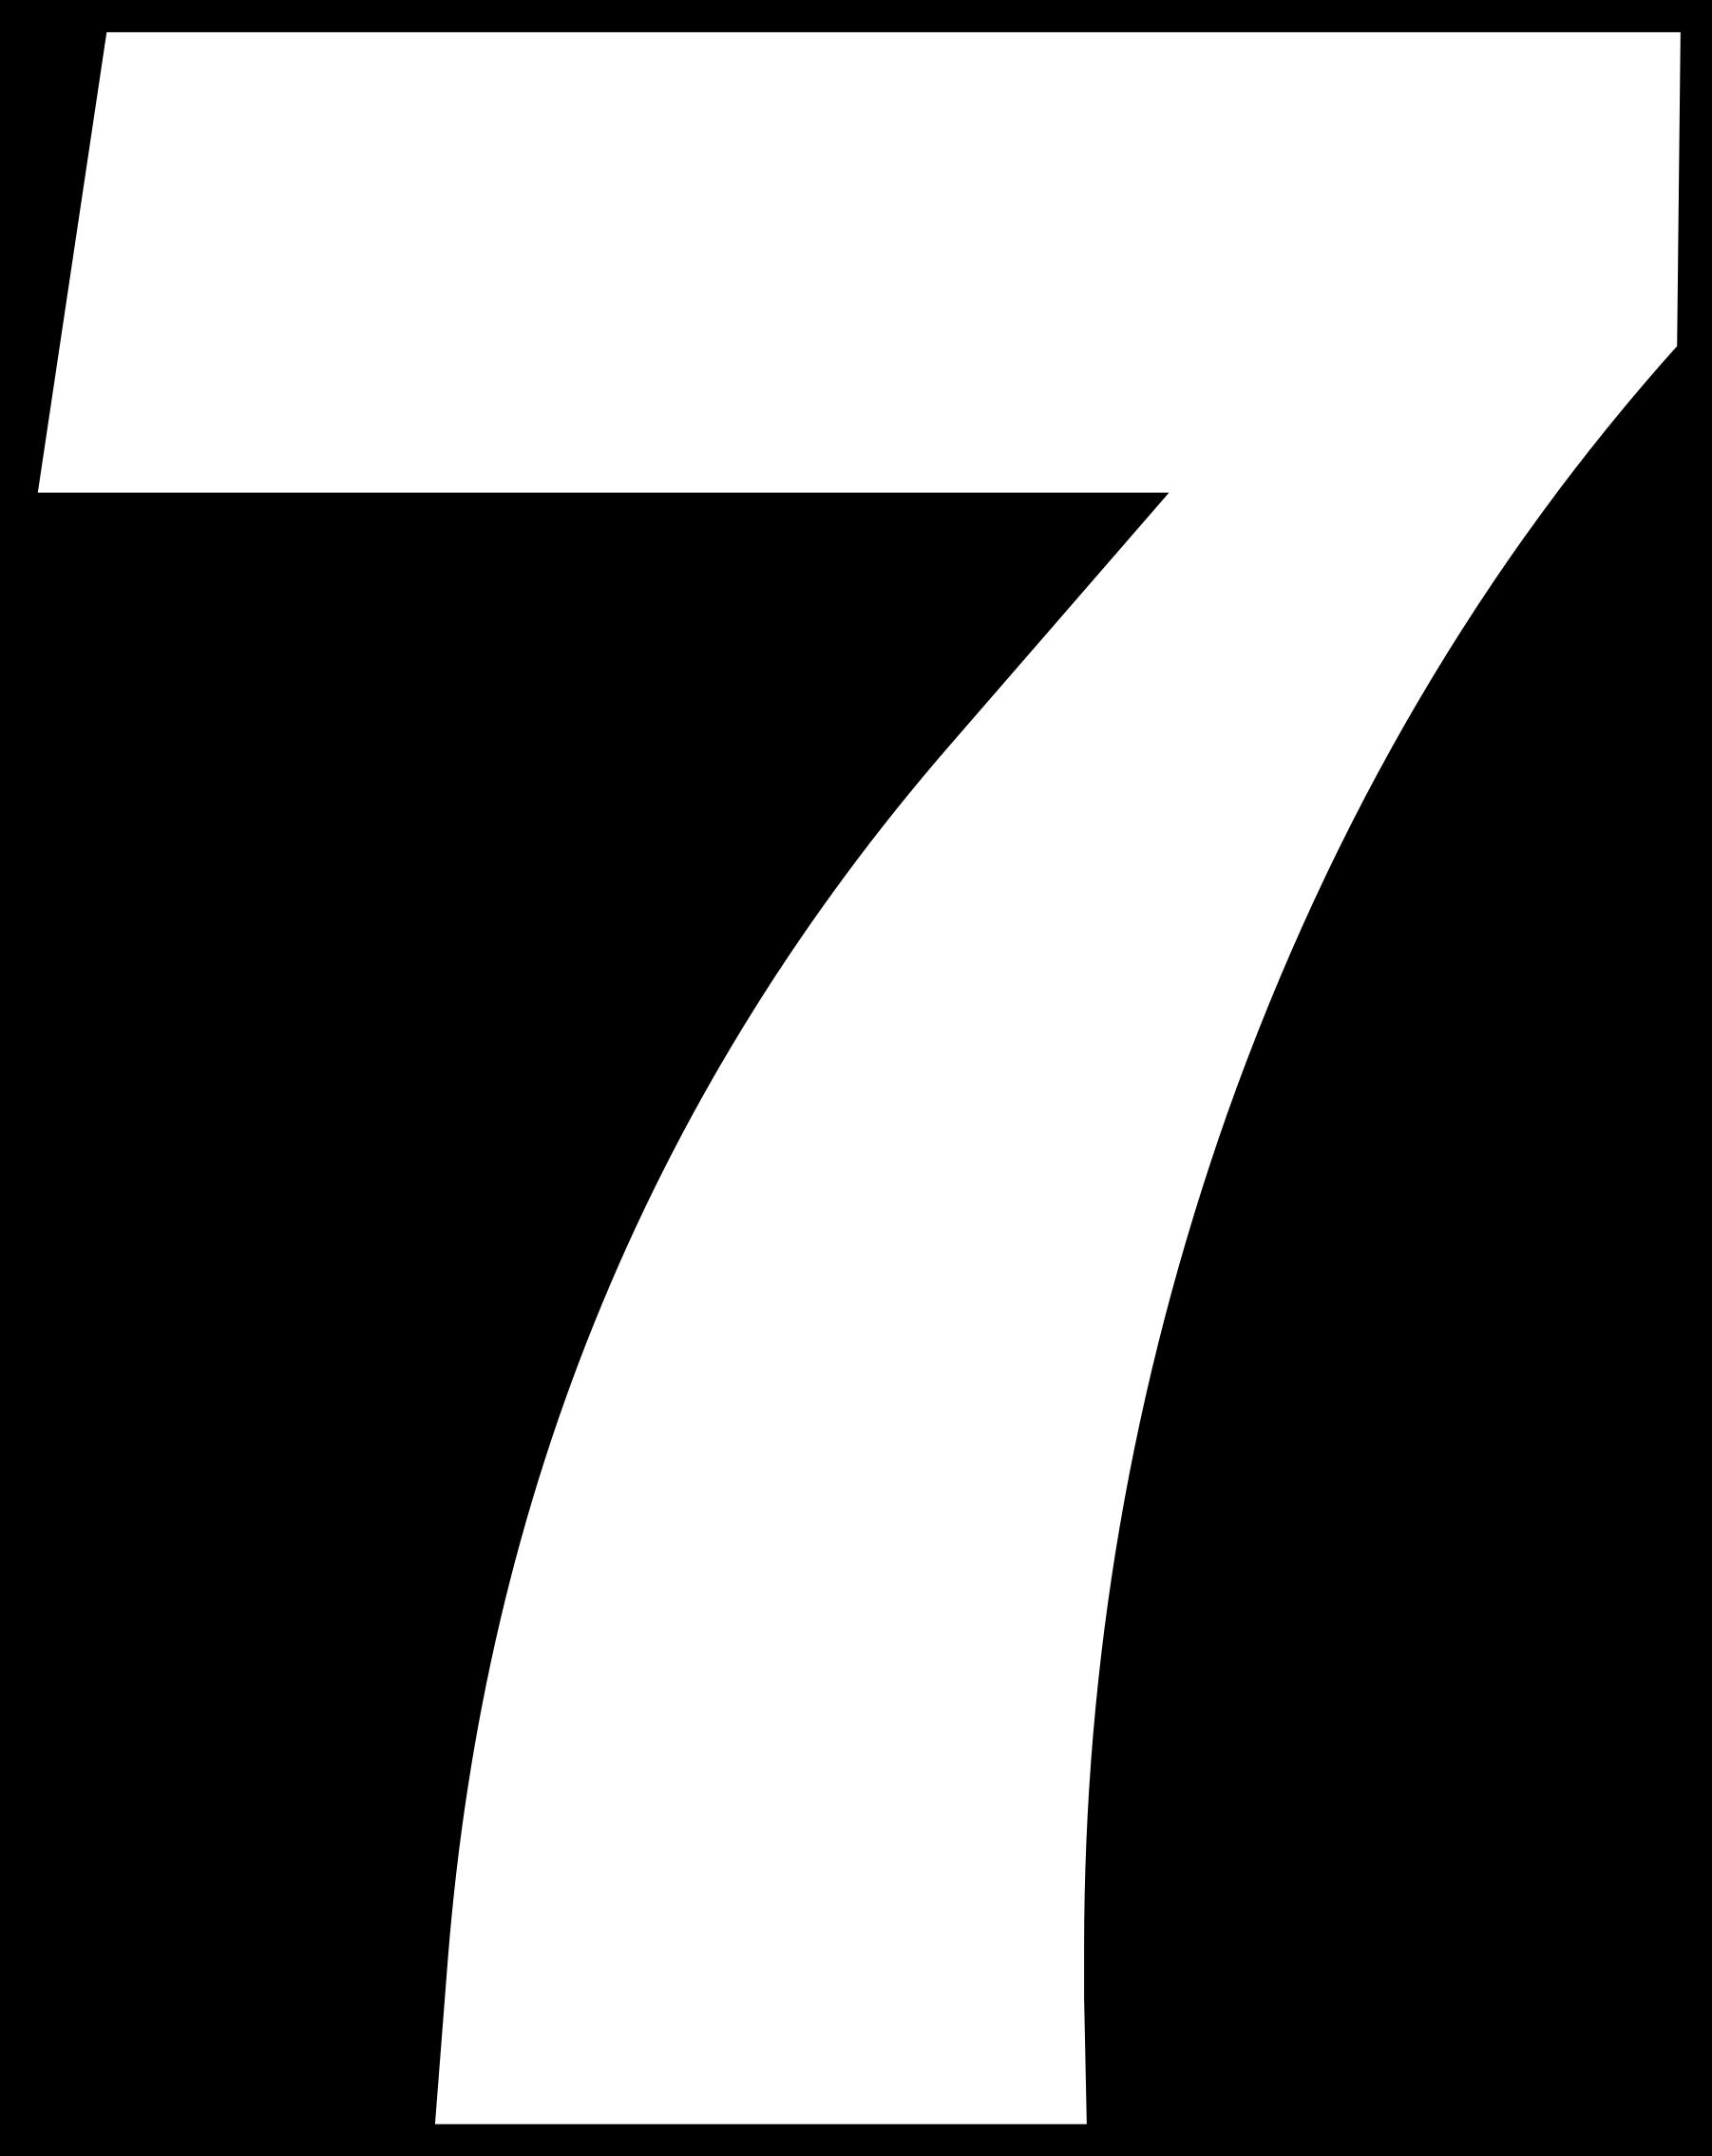 Download Hd Open Desenho Do Numero 7 Transparent Png Image